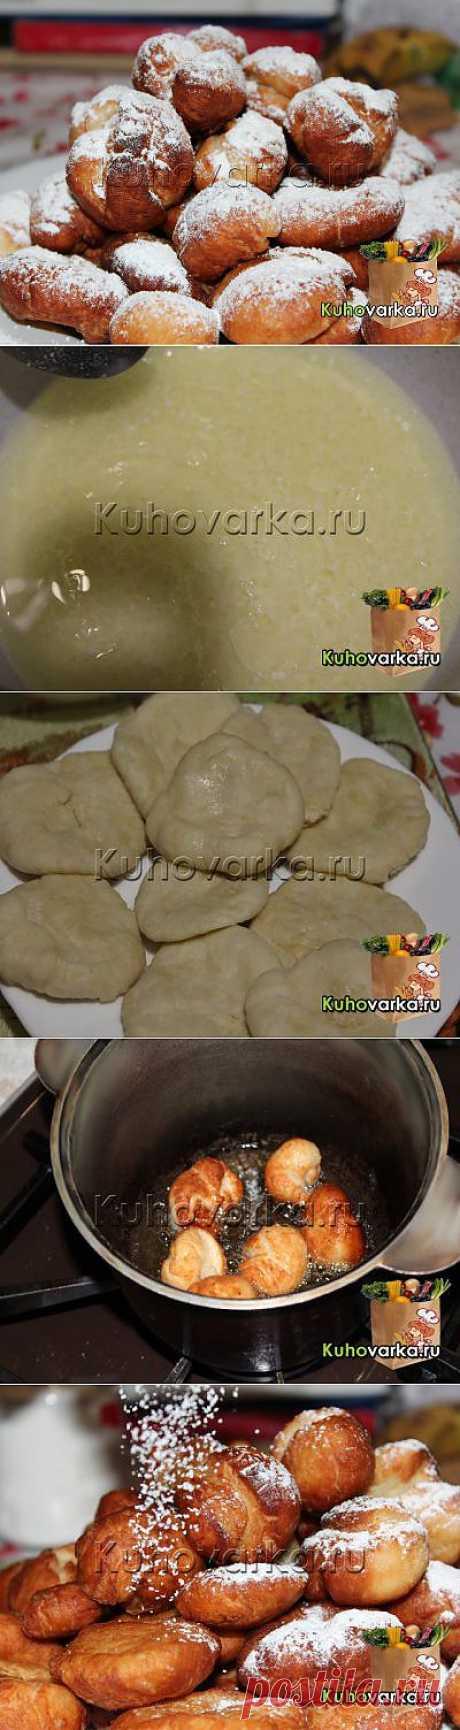 Постные пончики » Домашняя кулинария. Семейная энциклопедия блюд и рецептов